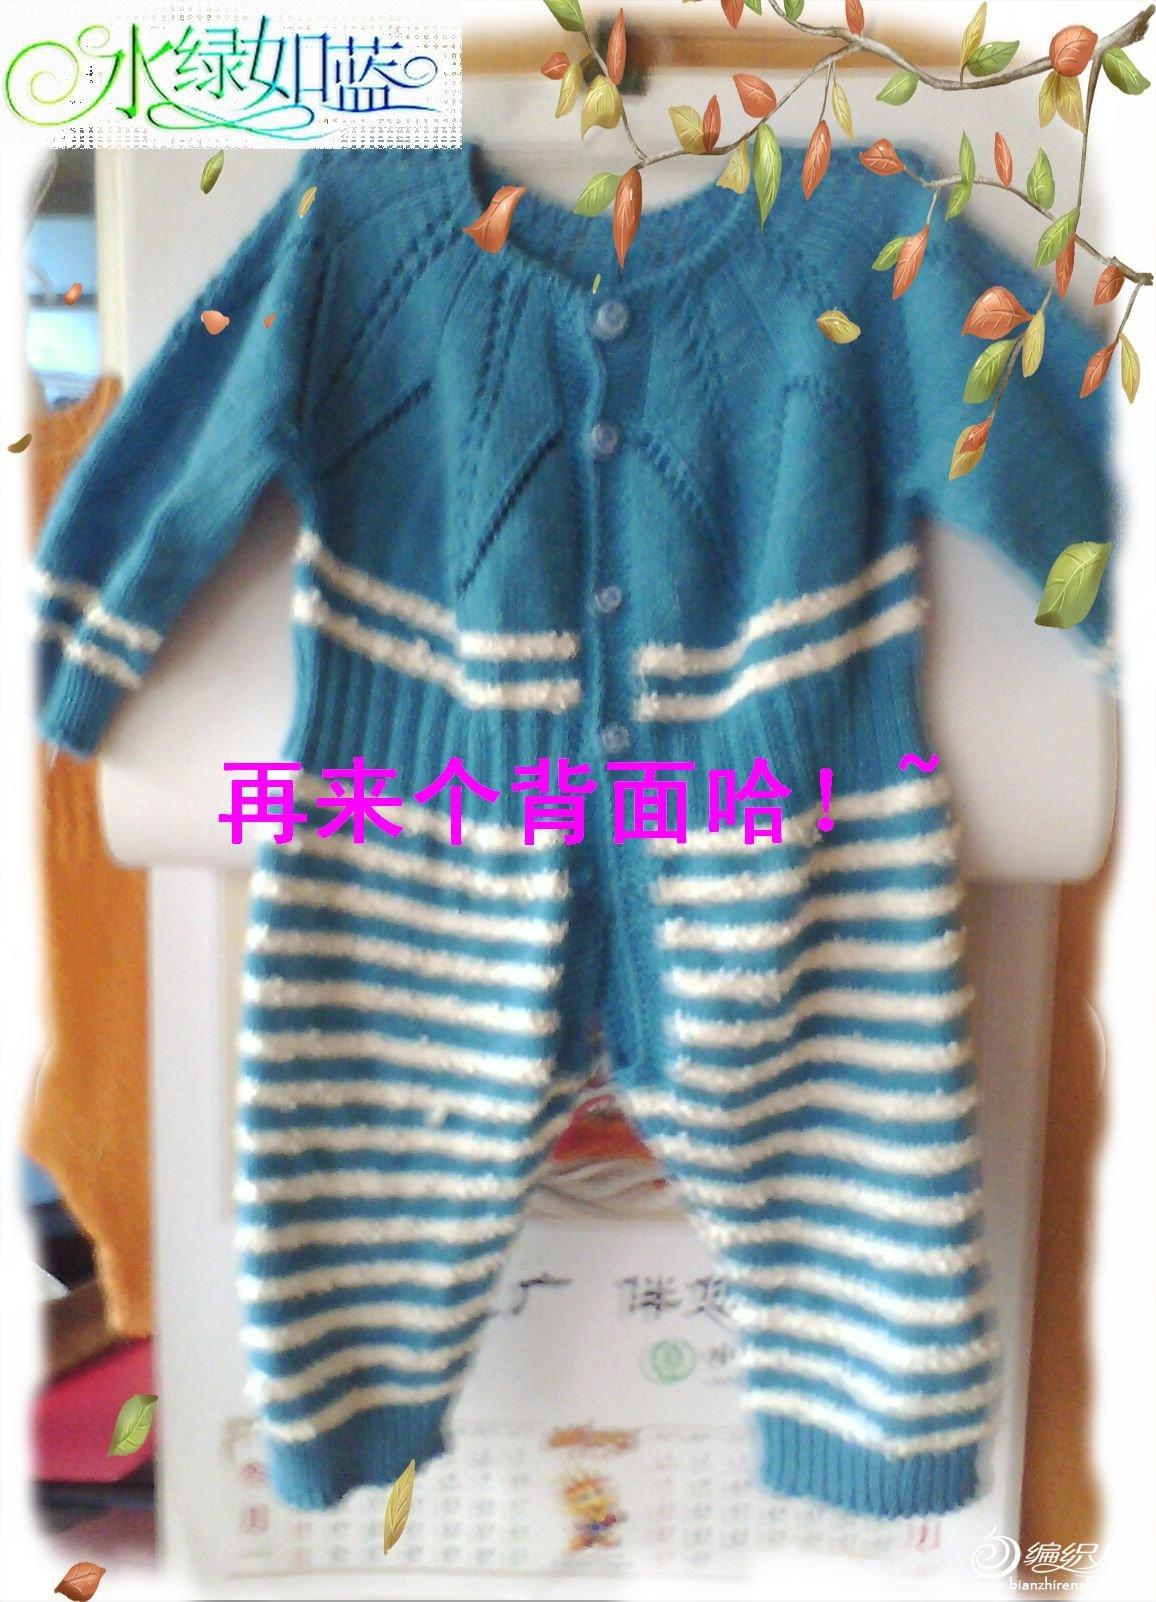 蓝成衣-背面.jpg